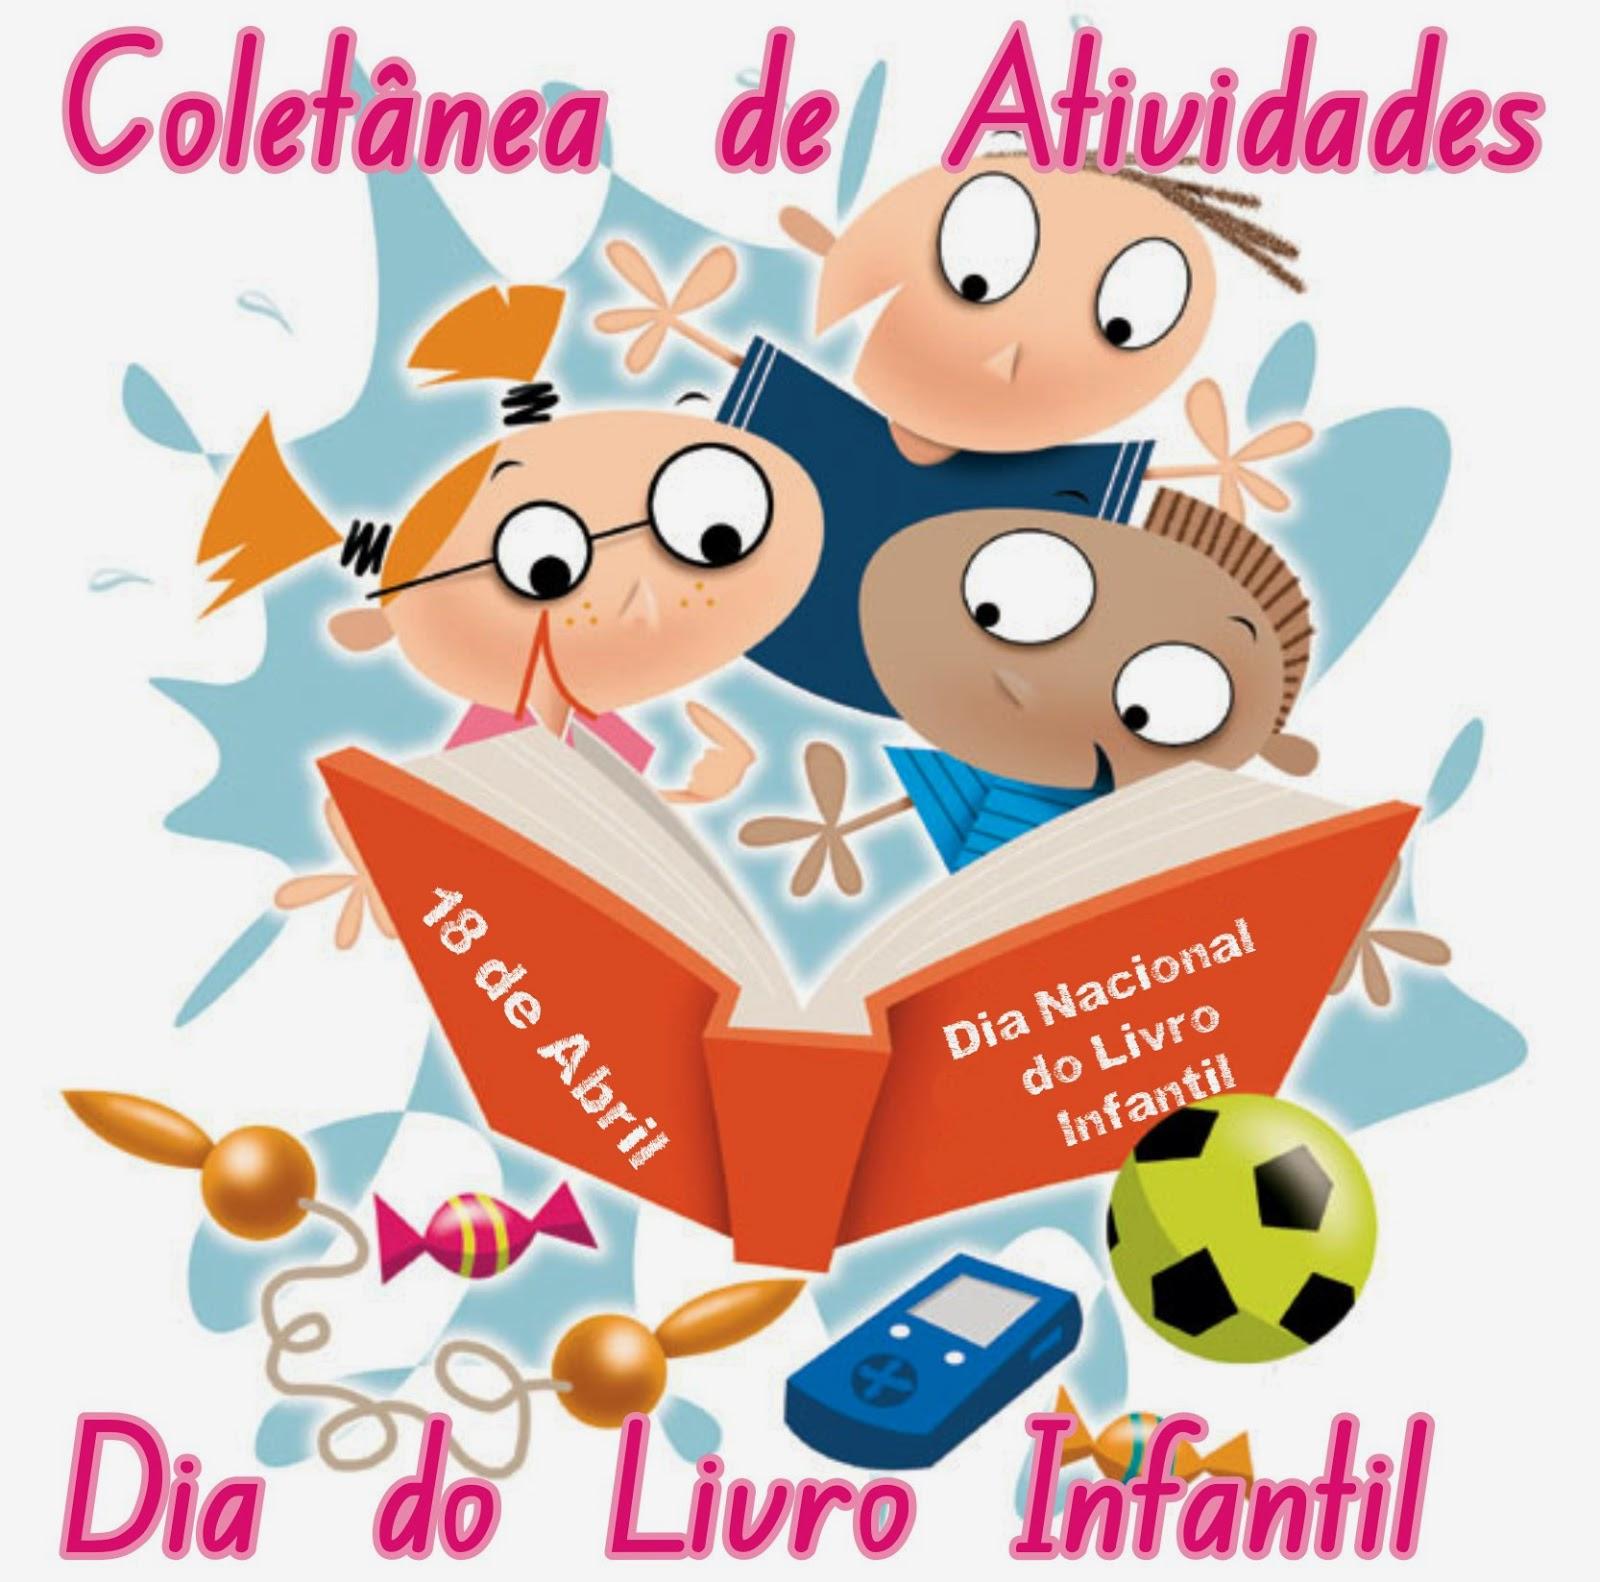 Atividades Dia do Livro Infantil com a Turma do Sítio